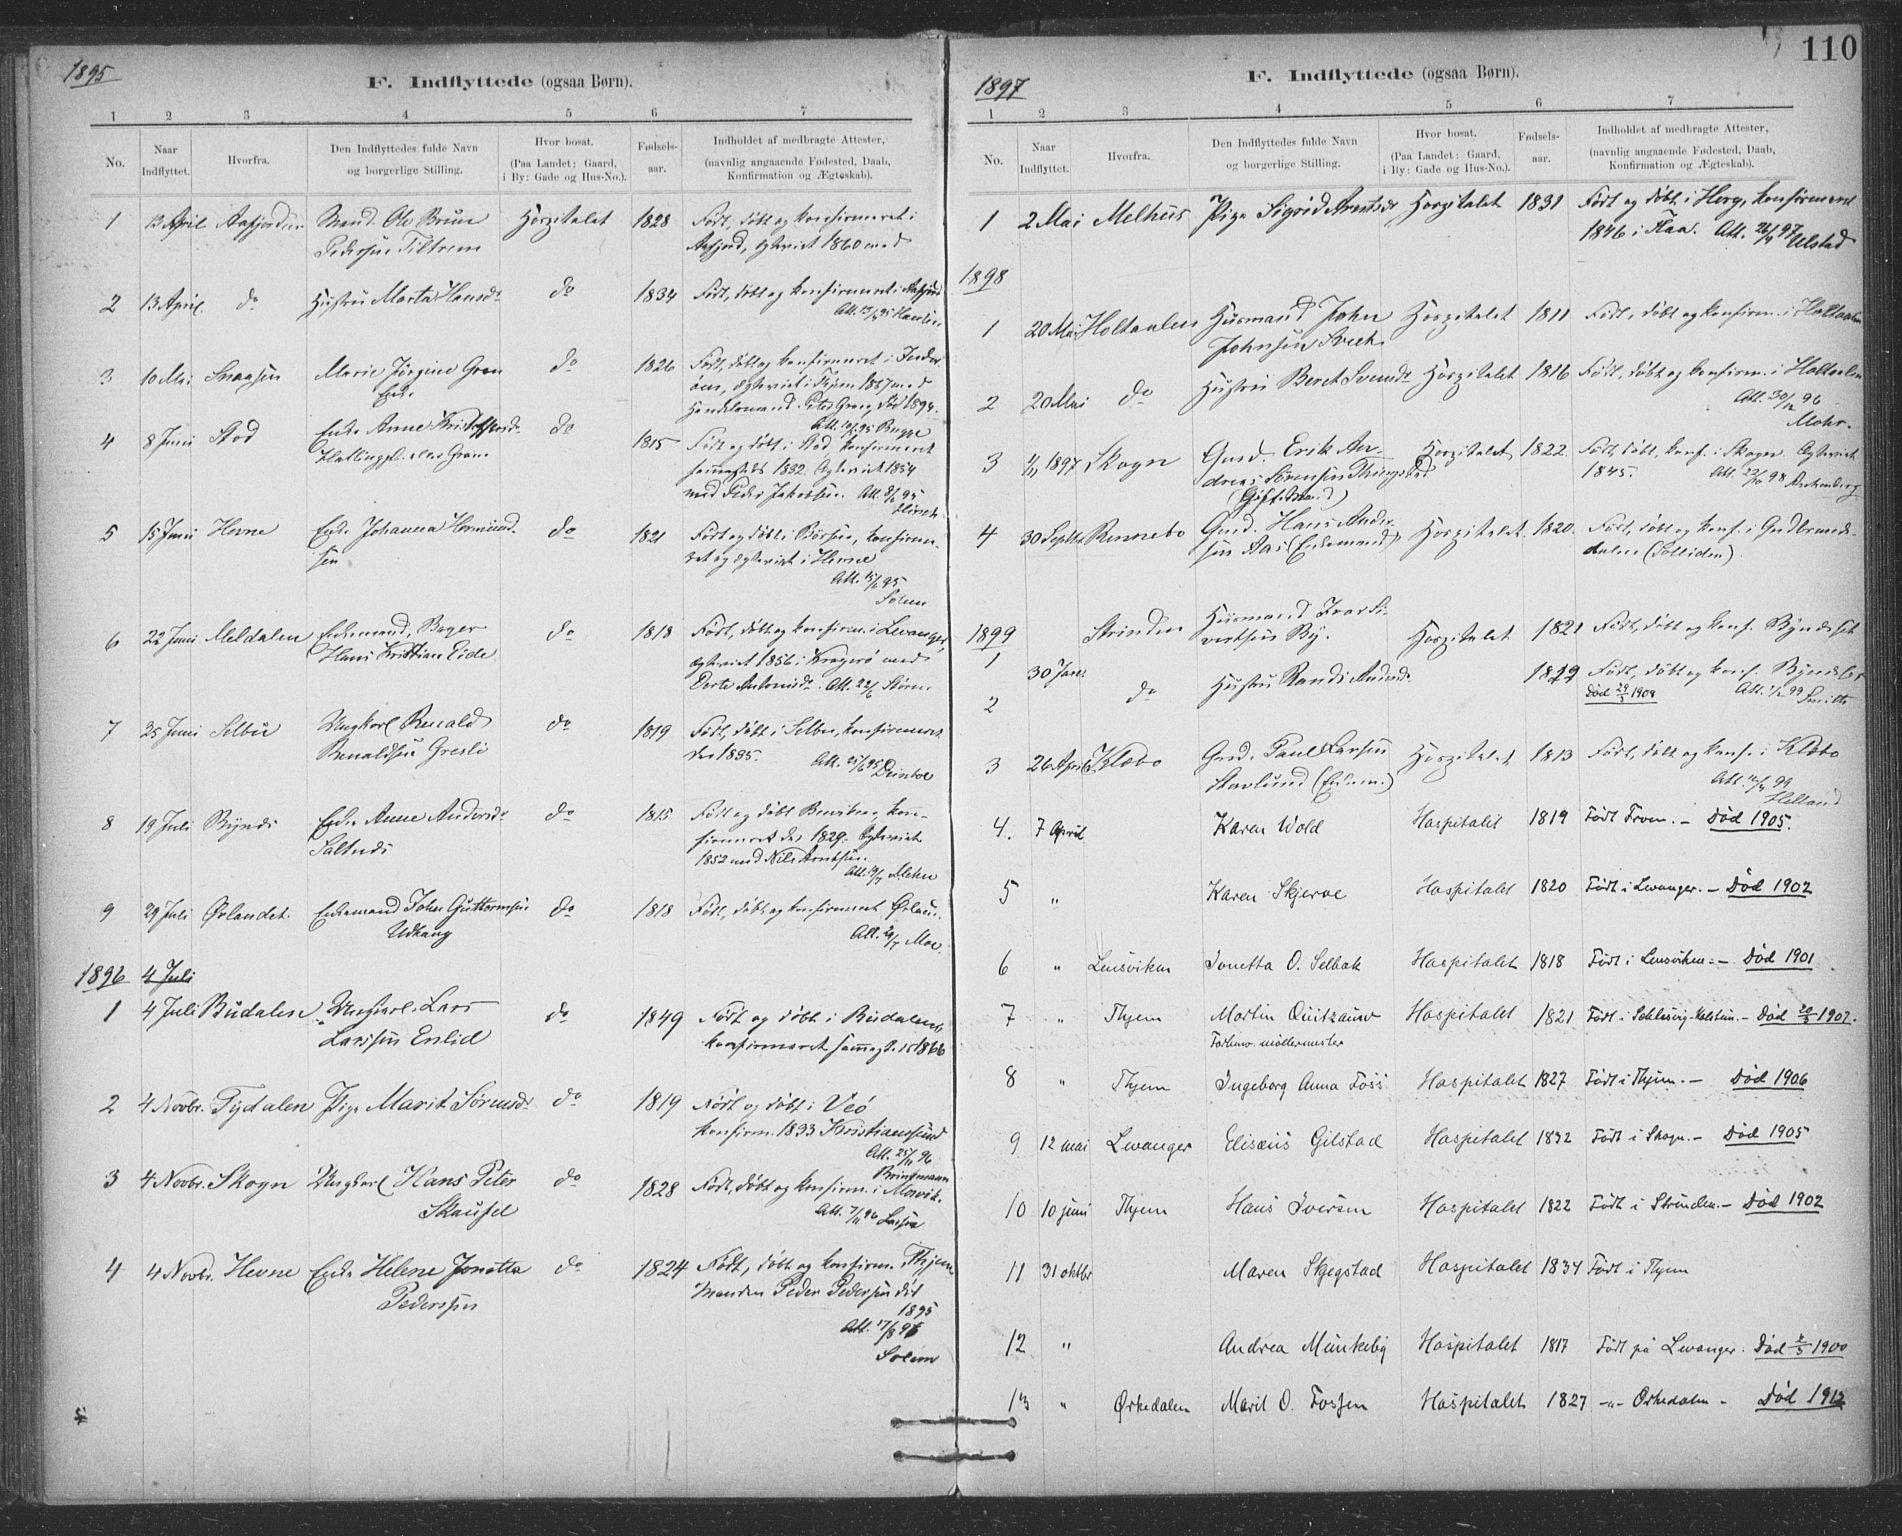 SAT, Ministerialprotokoller, klokkerbøker og fødselsregistre - Sør-Trøndelag, 623/L0470: Ministerialbok nr. 623A04, 1884-1938, s. 110